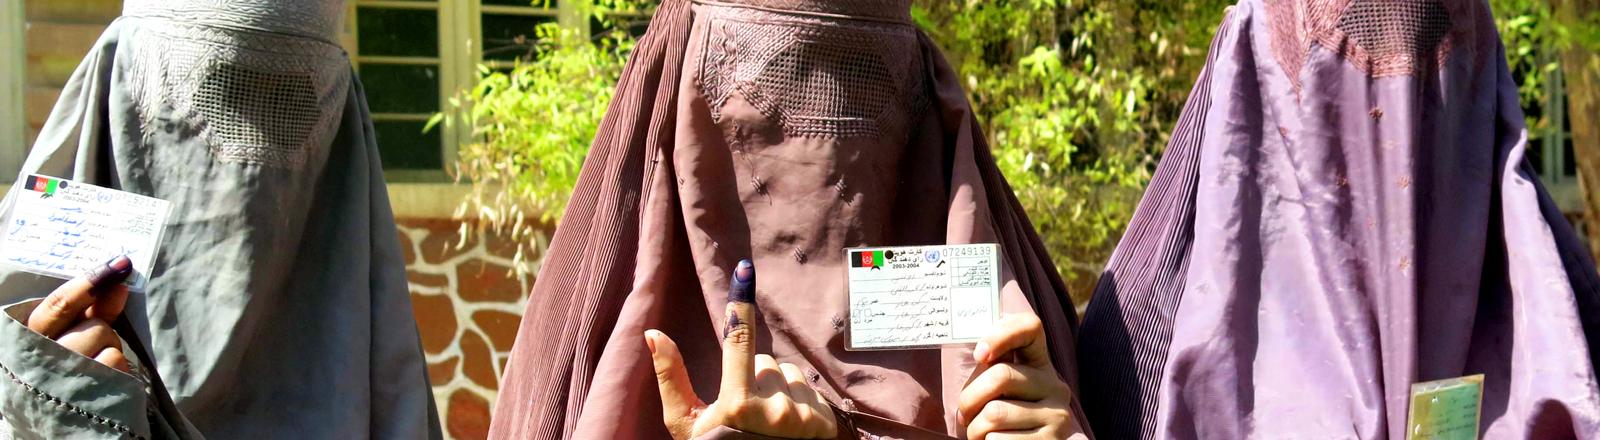 Drei afghanische Frauen zeigen ihre Wahlregistrierung und den gefärbten Zeigefinger nach Abgabe ihrer Stimme am 14. Juni 2014.